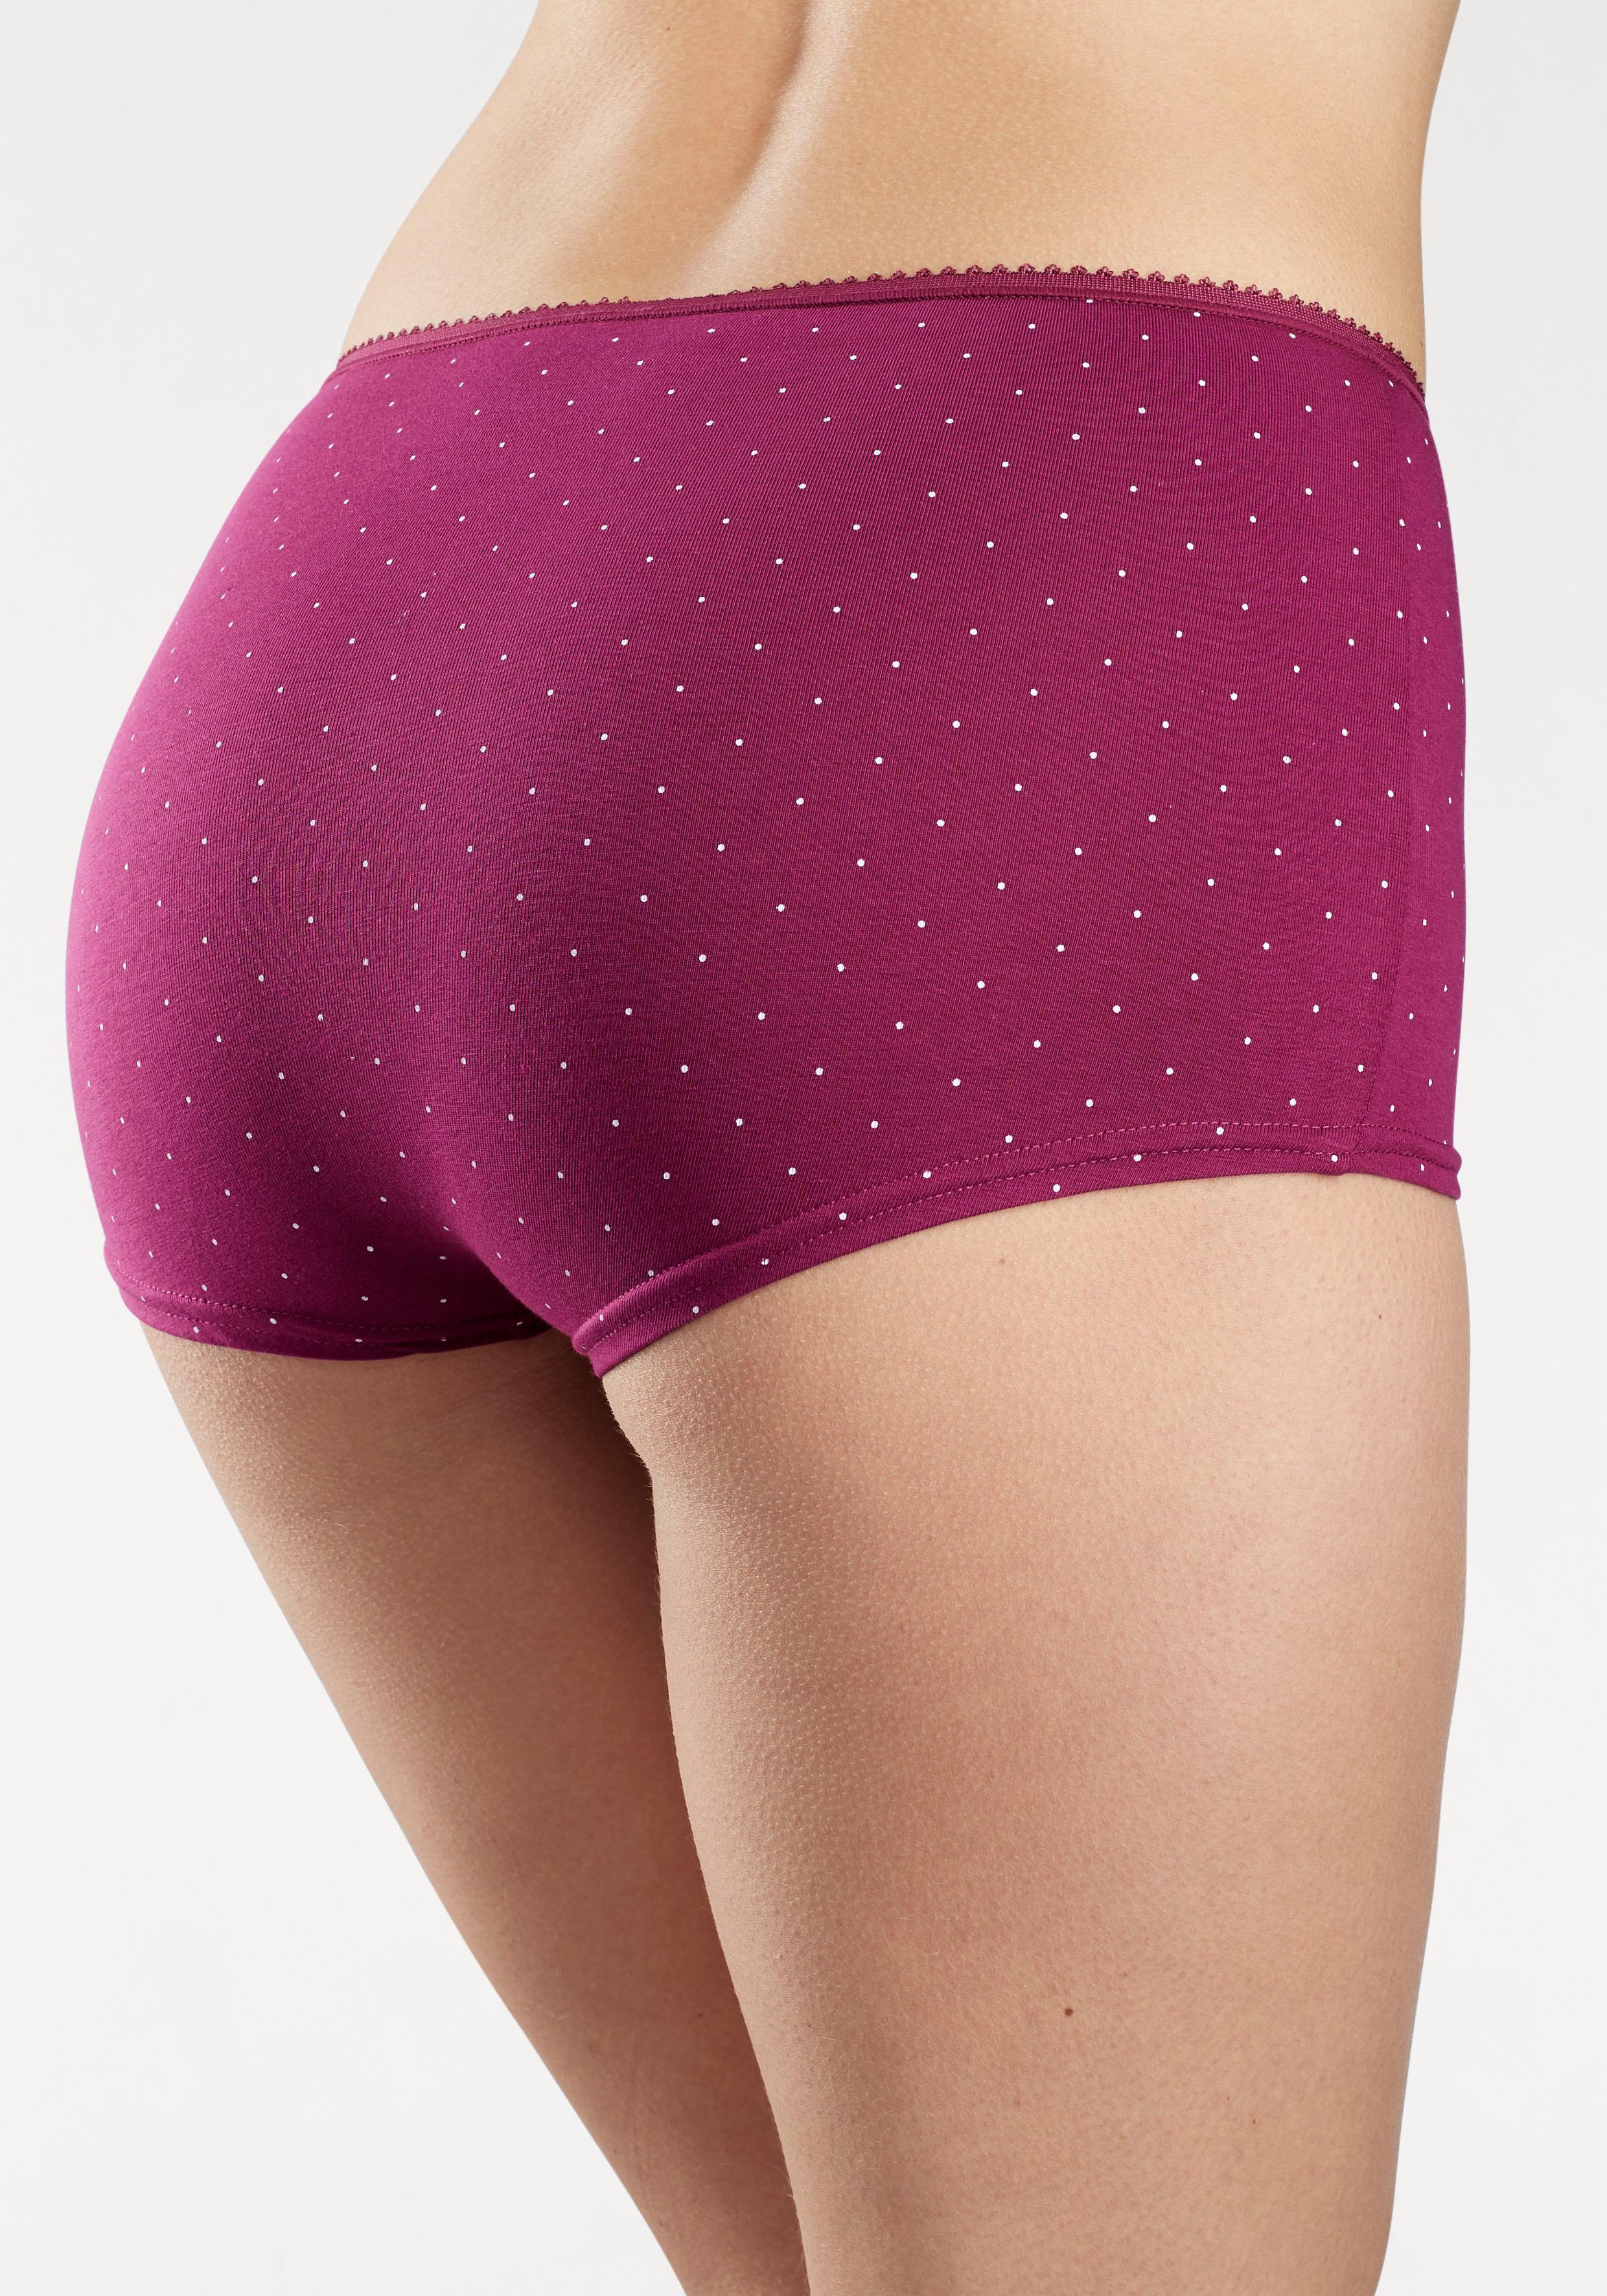 PETITE FLEUR Panty 7 Stück Unterhosen Damen Spar-Sets Panties Damenwäsche